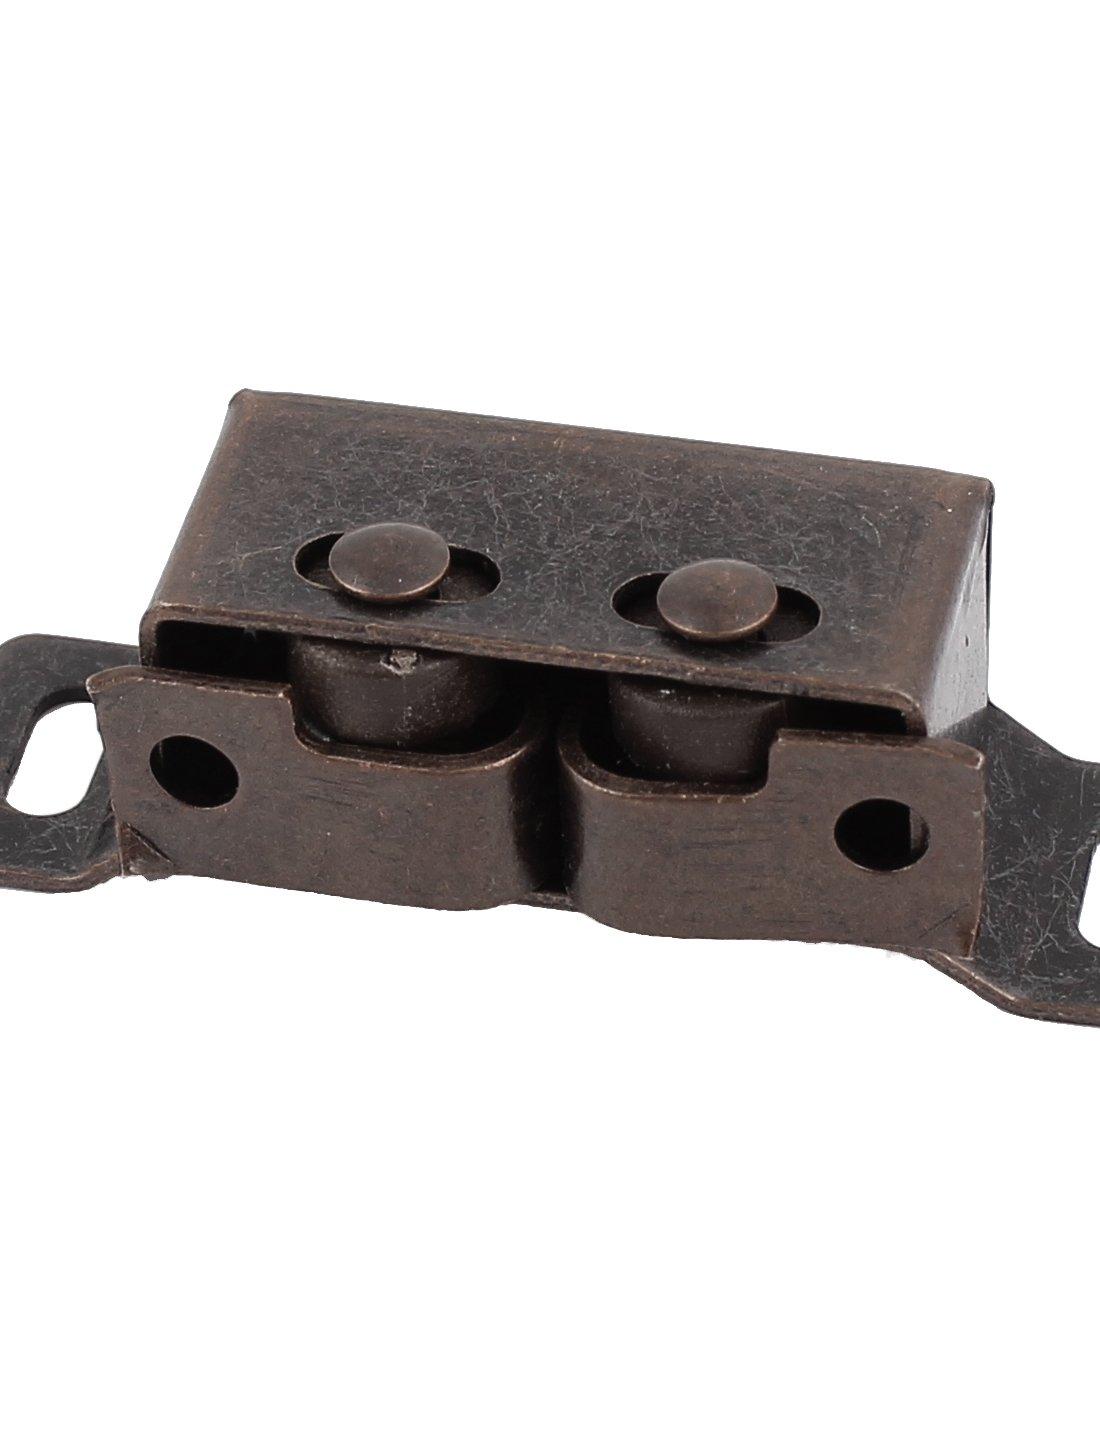 uxcell A15030900ux0026/Cabinet Armoire Porte Balle Double Rouleau Catch Loquet Copper Tone 47/mm